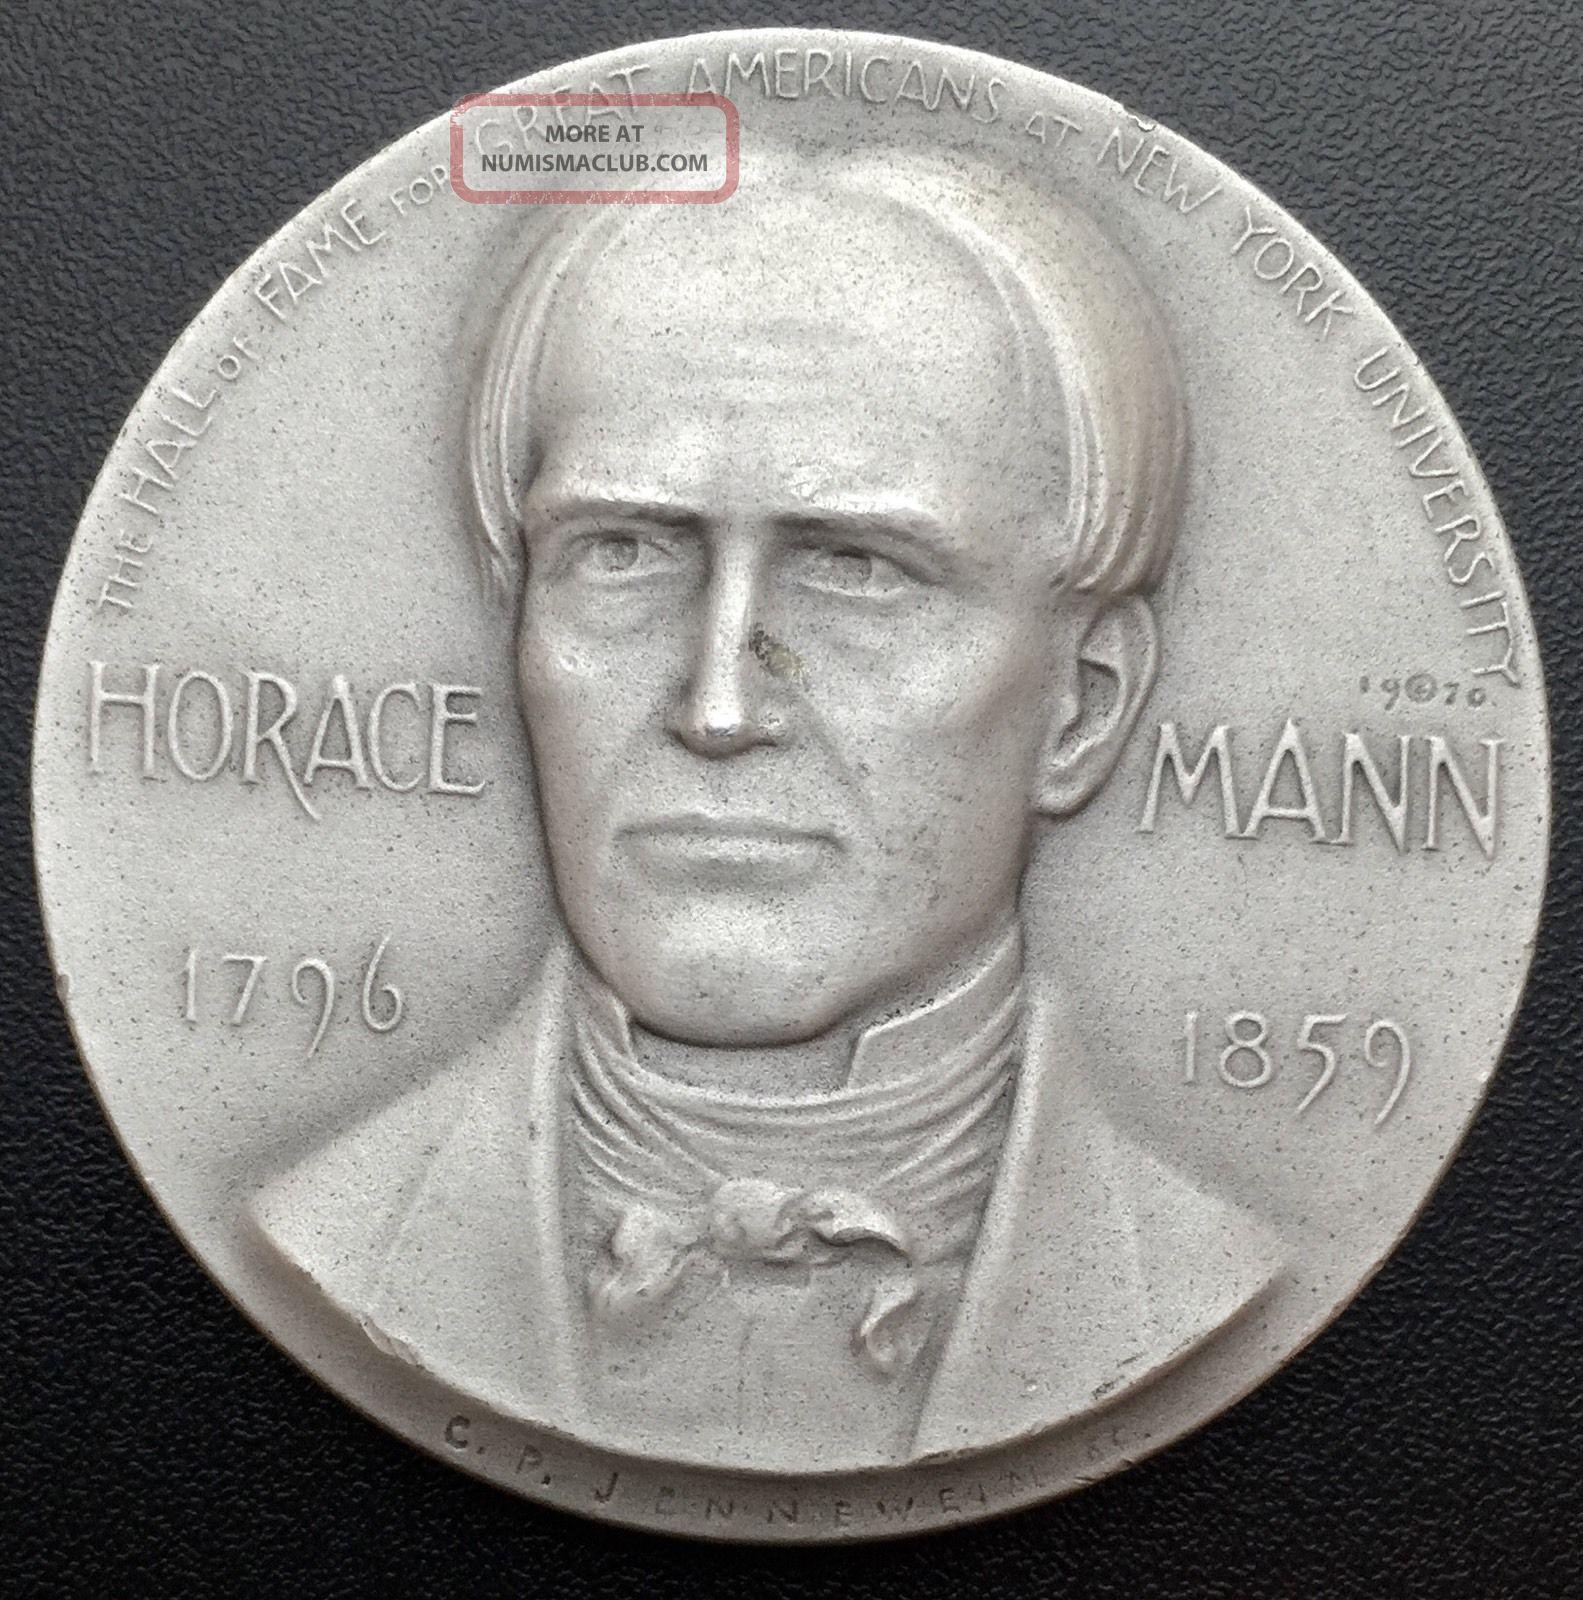 1970 Horace Mann Medallic Art Co N.  Y.  999 Silver Medal 2.  29 Oz (m2) Exonumia photo